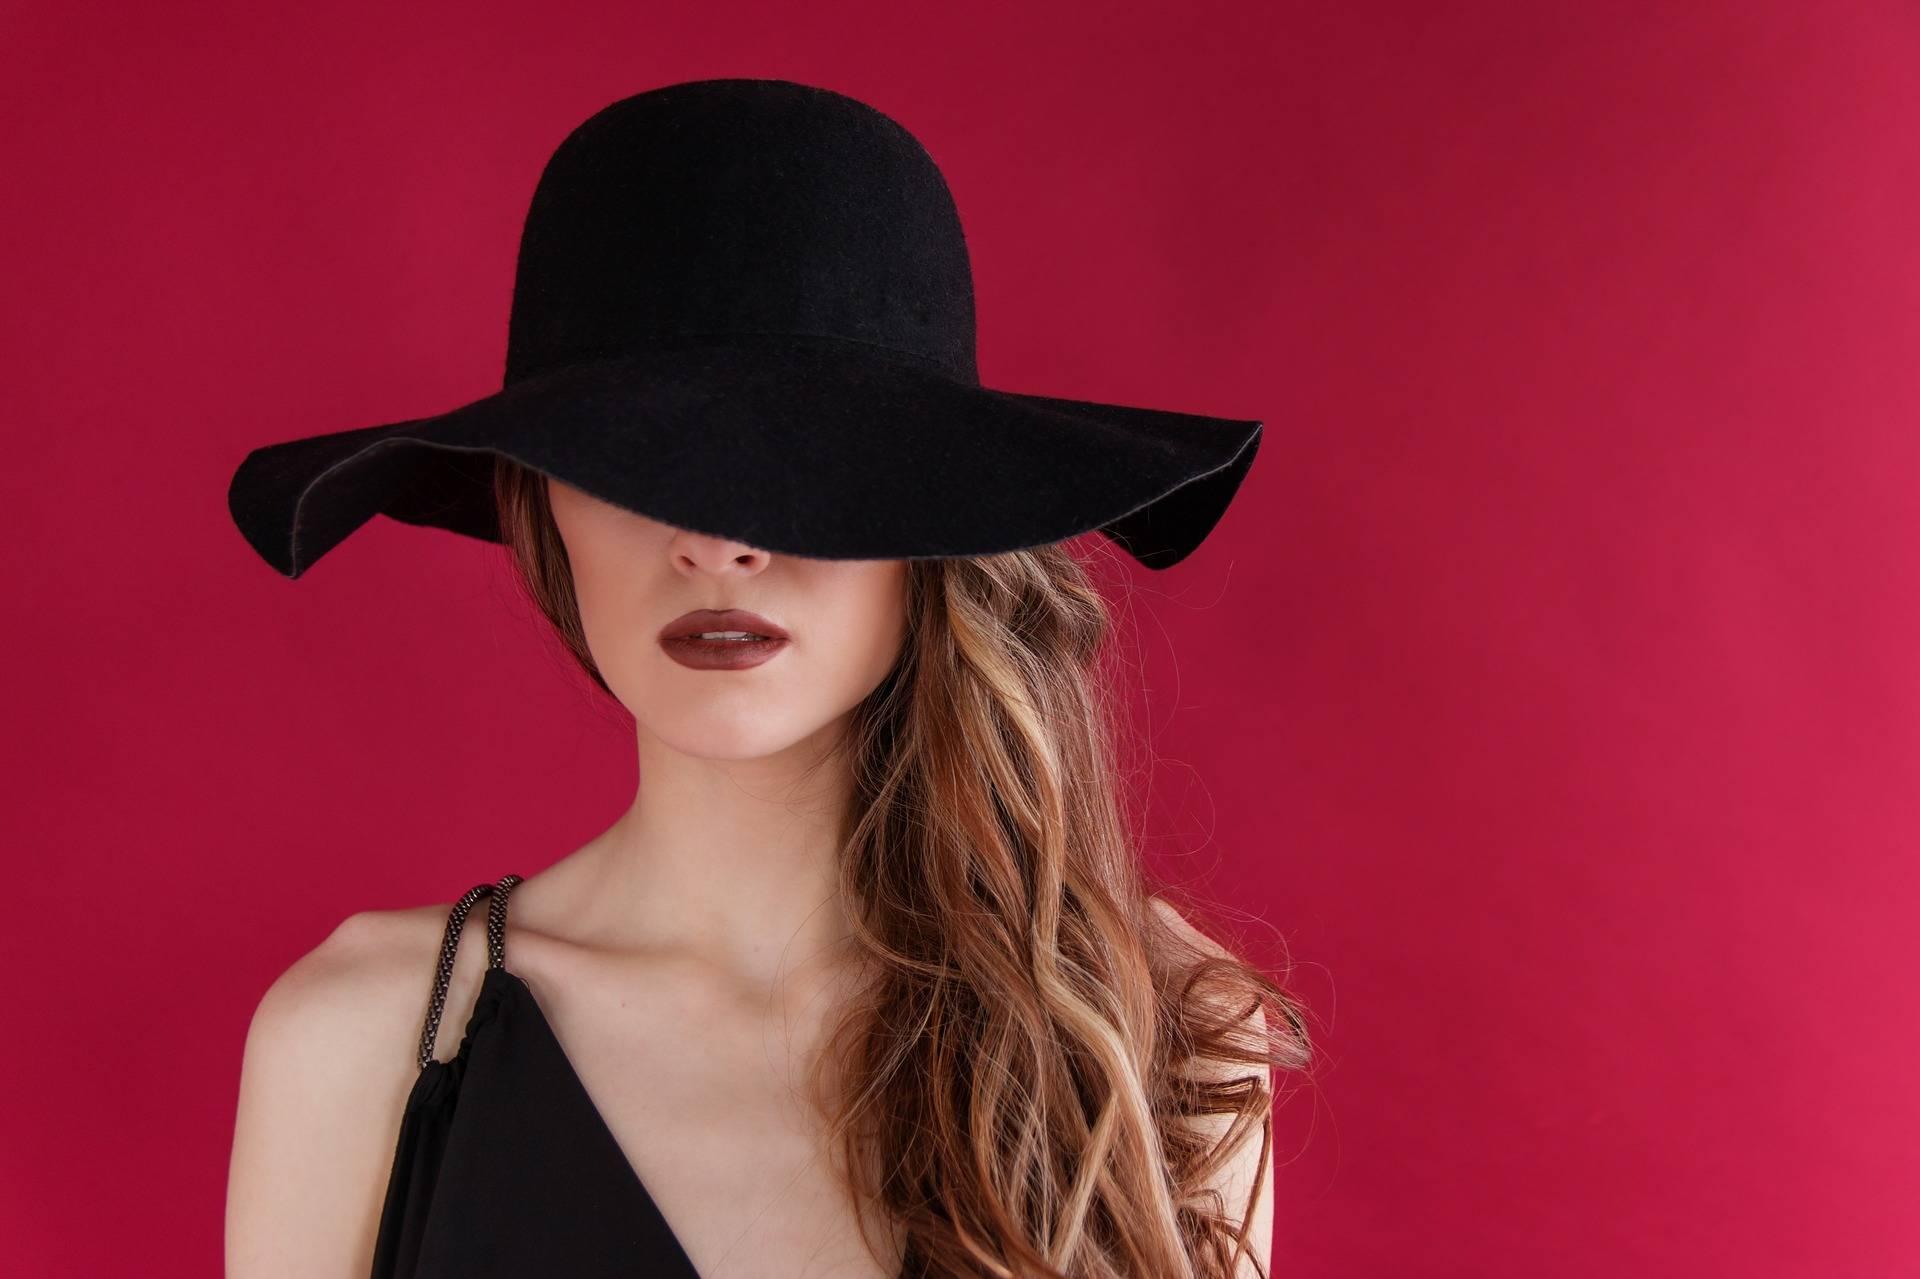 Los divinos sombreros  y cómo usarlos según tu tipo de rostro